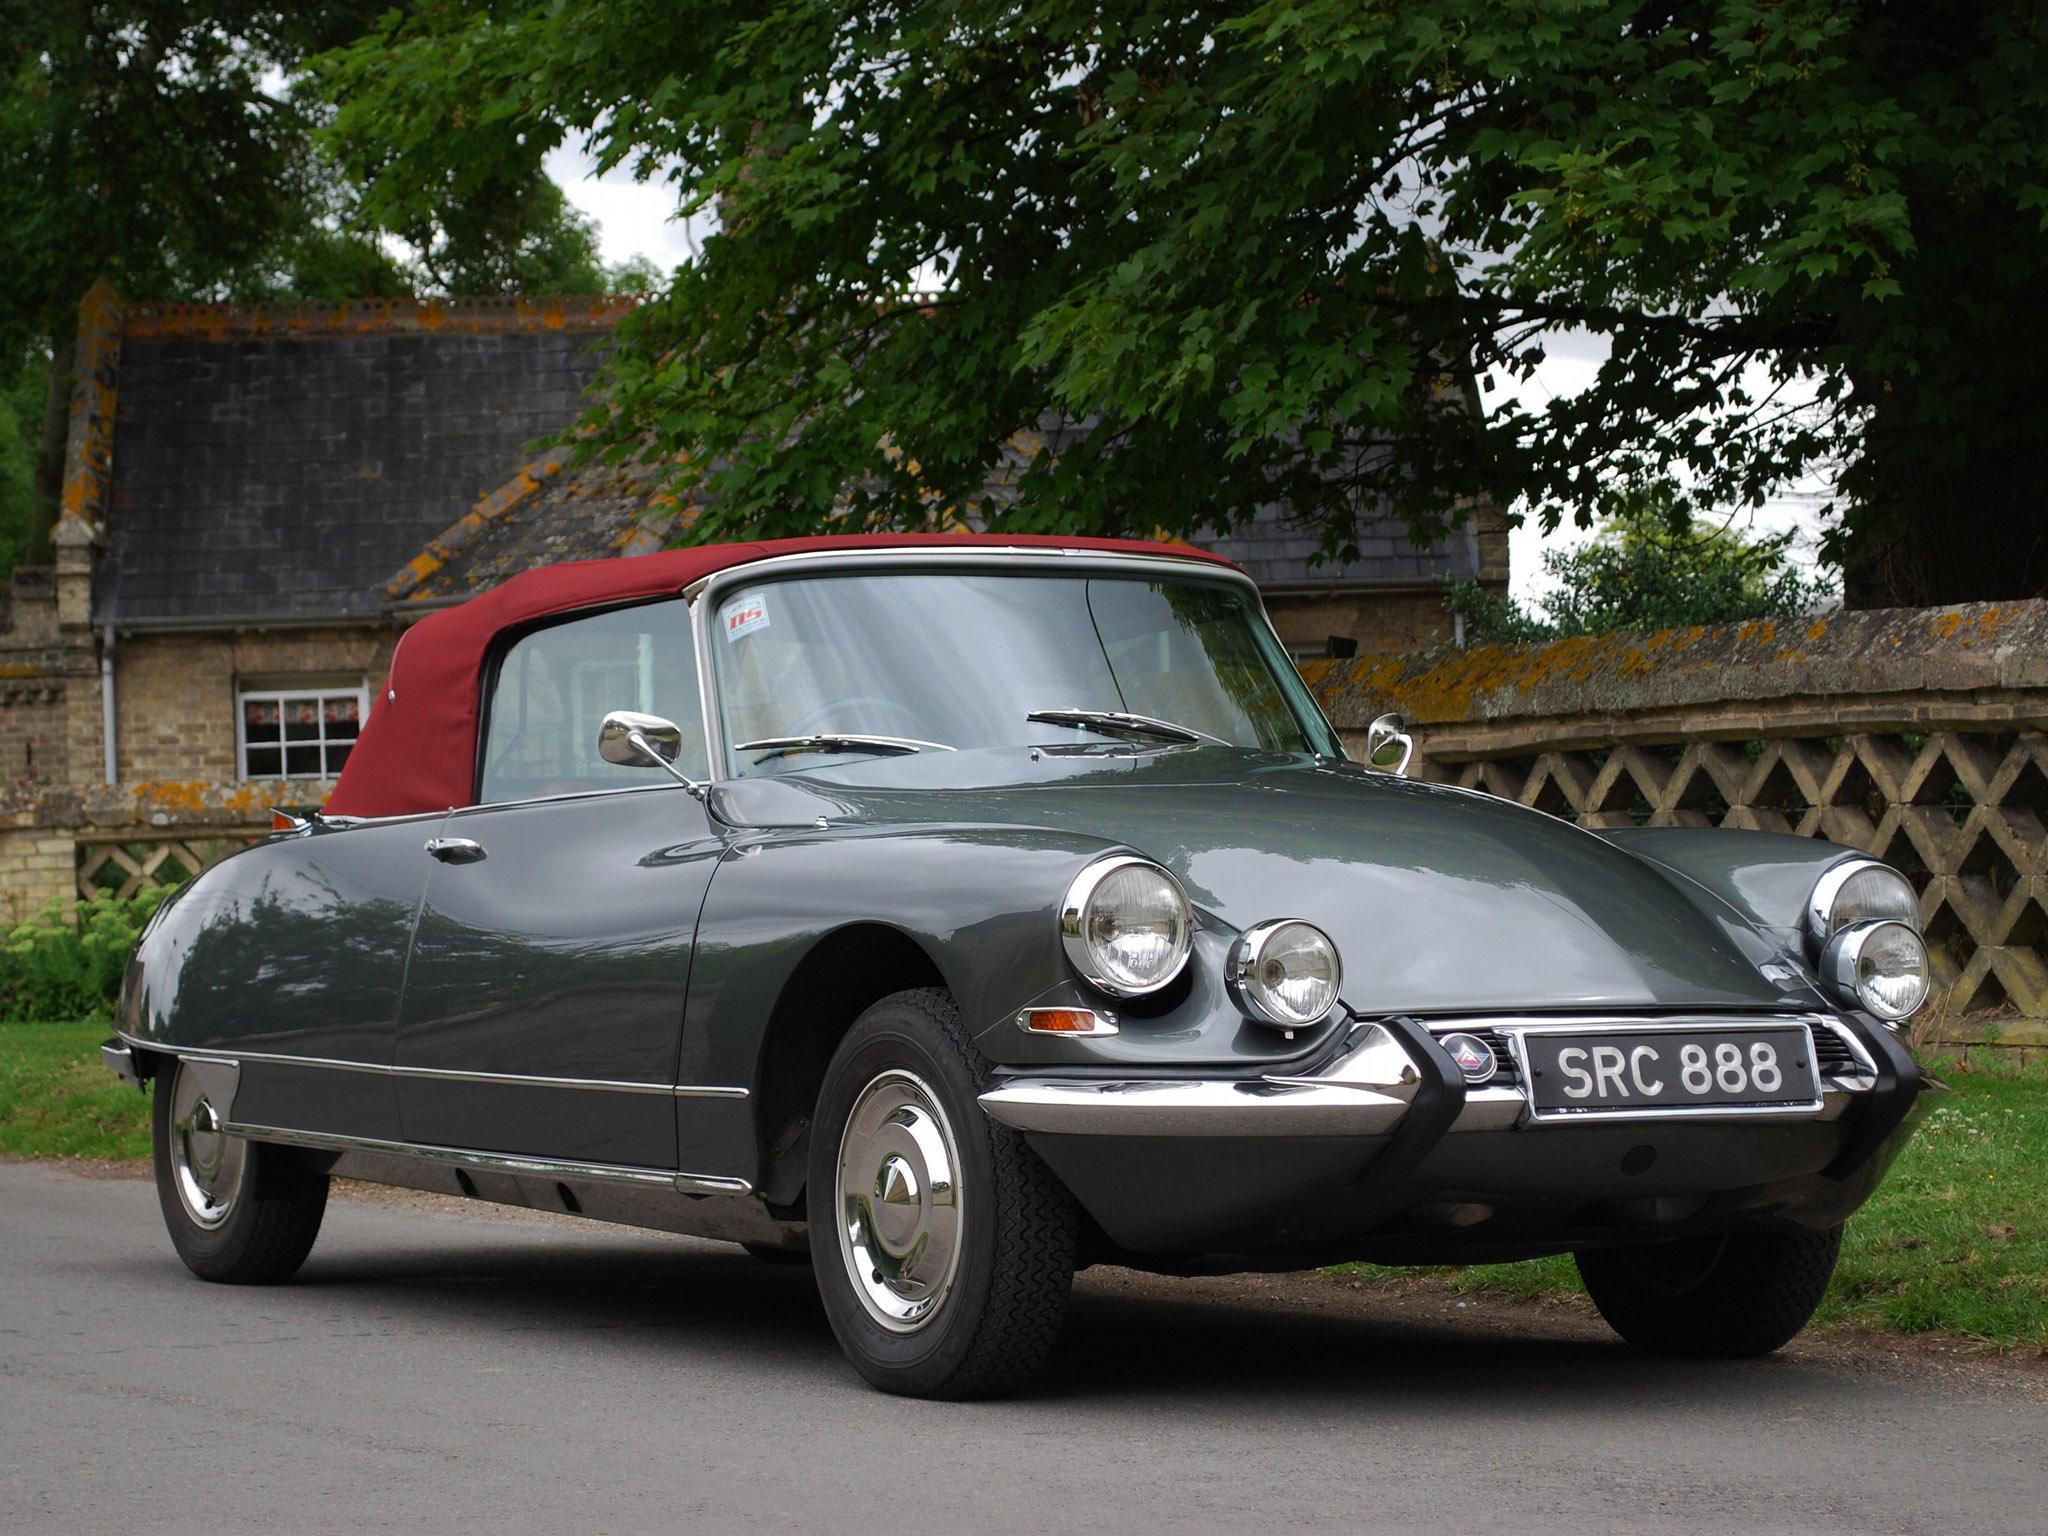 1965-citroen-ds21-cabriolet-001-3490.jpg